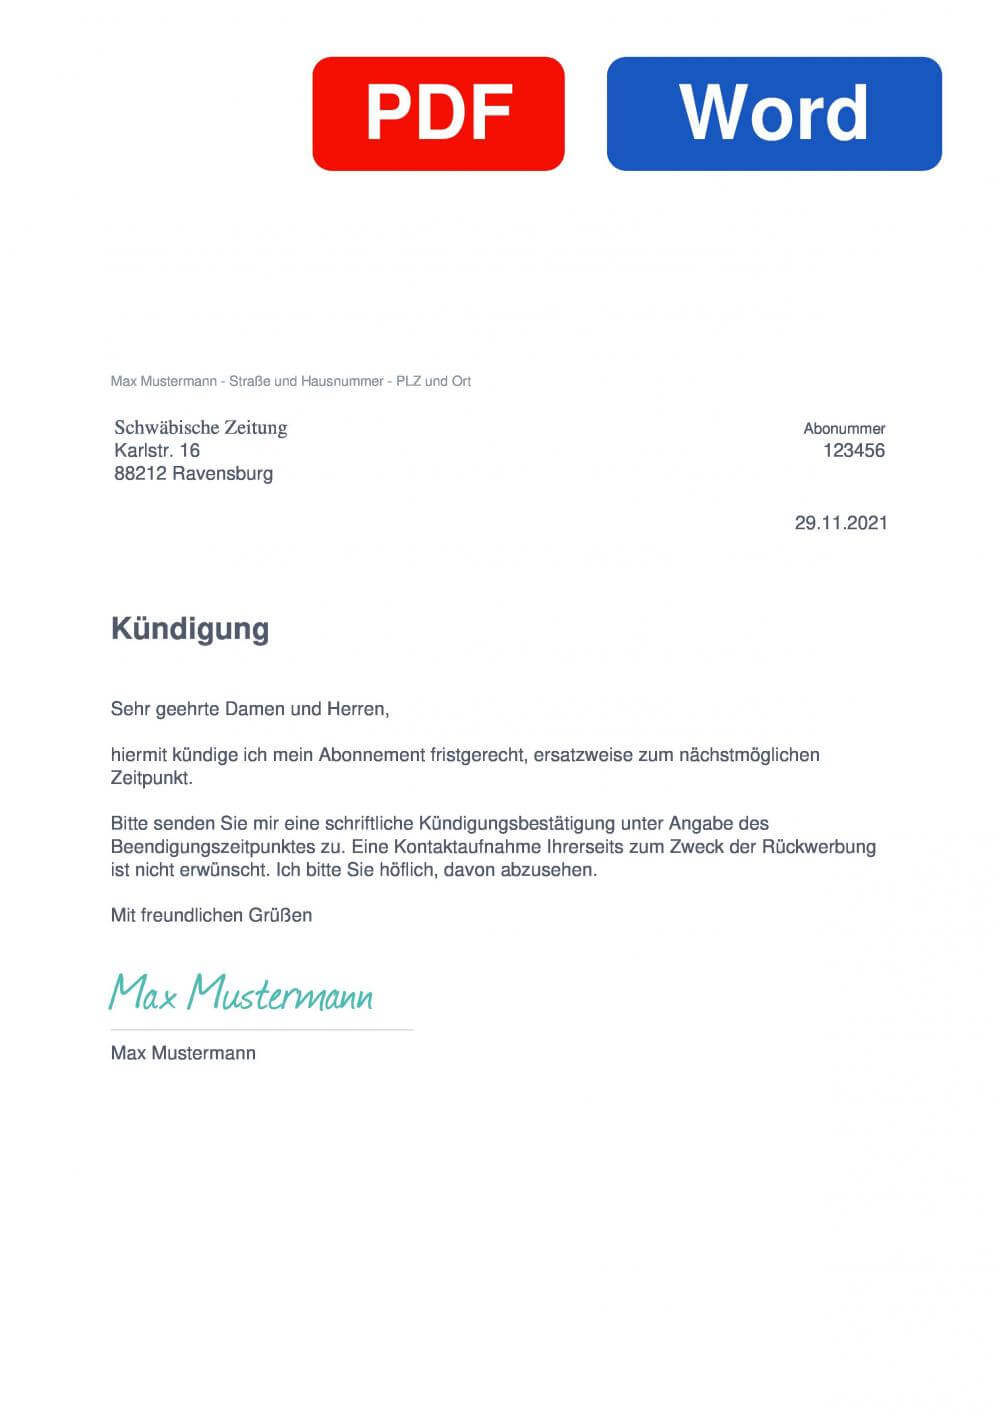 Schwäbische Zeitung Muster Vorlage für Kündigungsschreiben